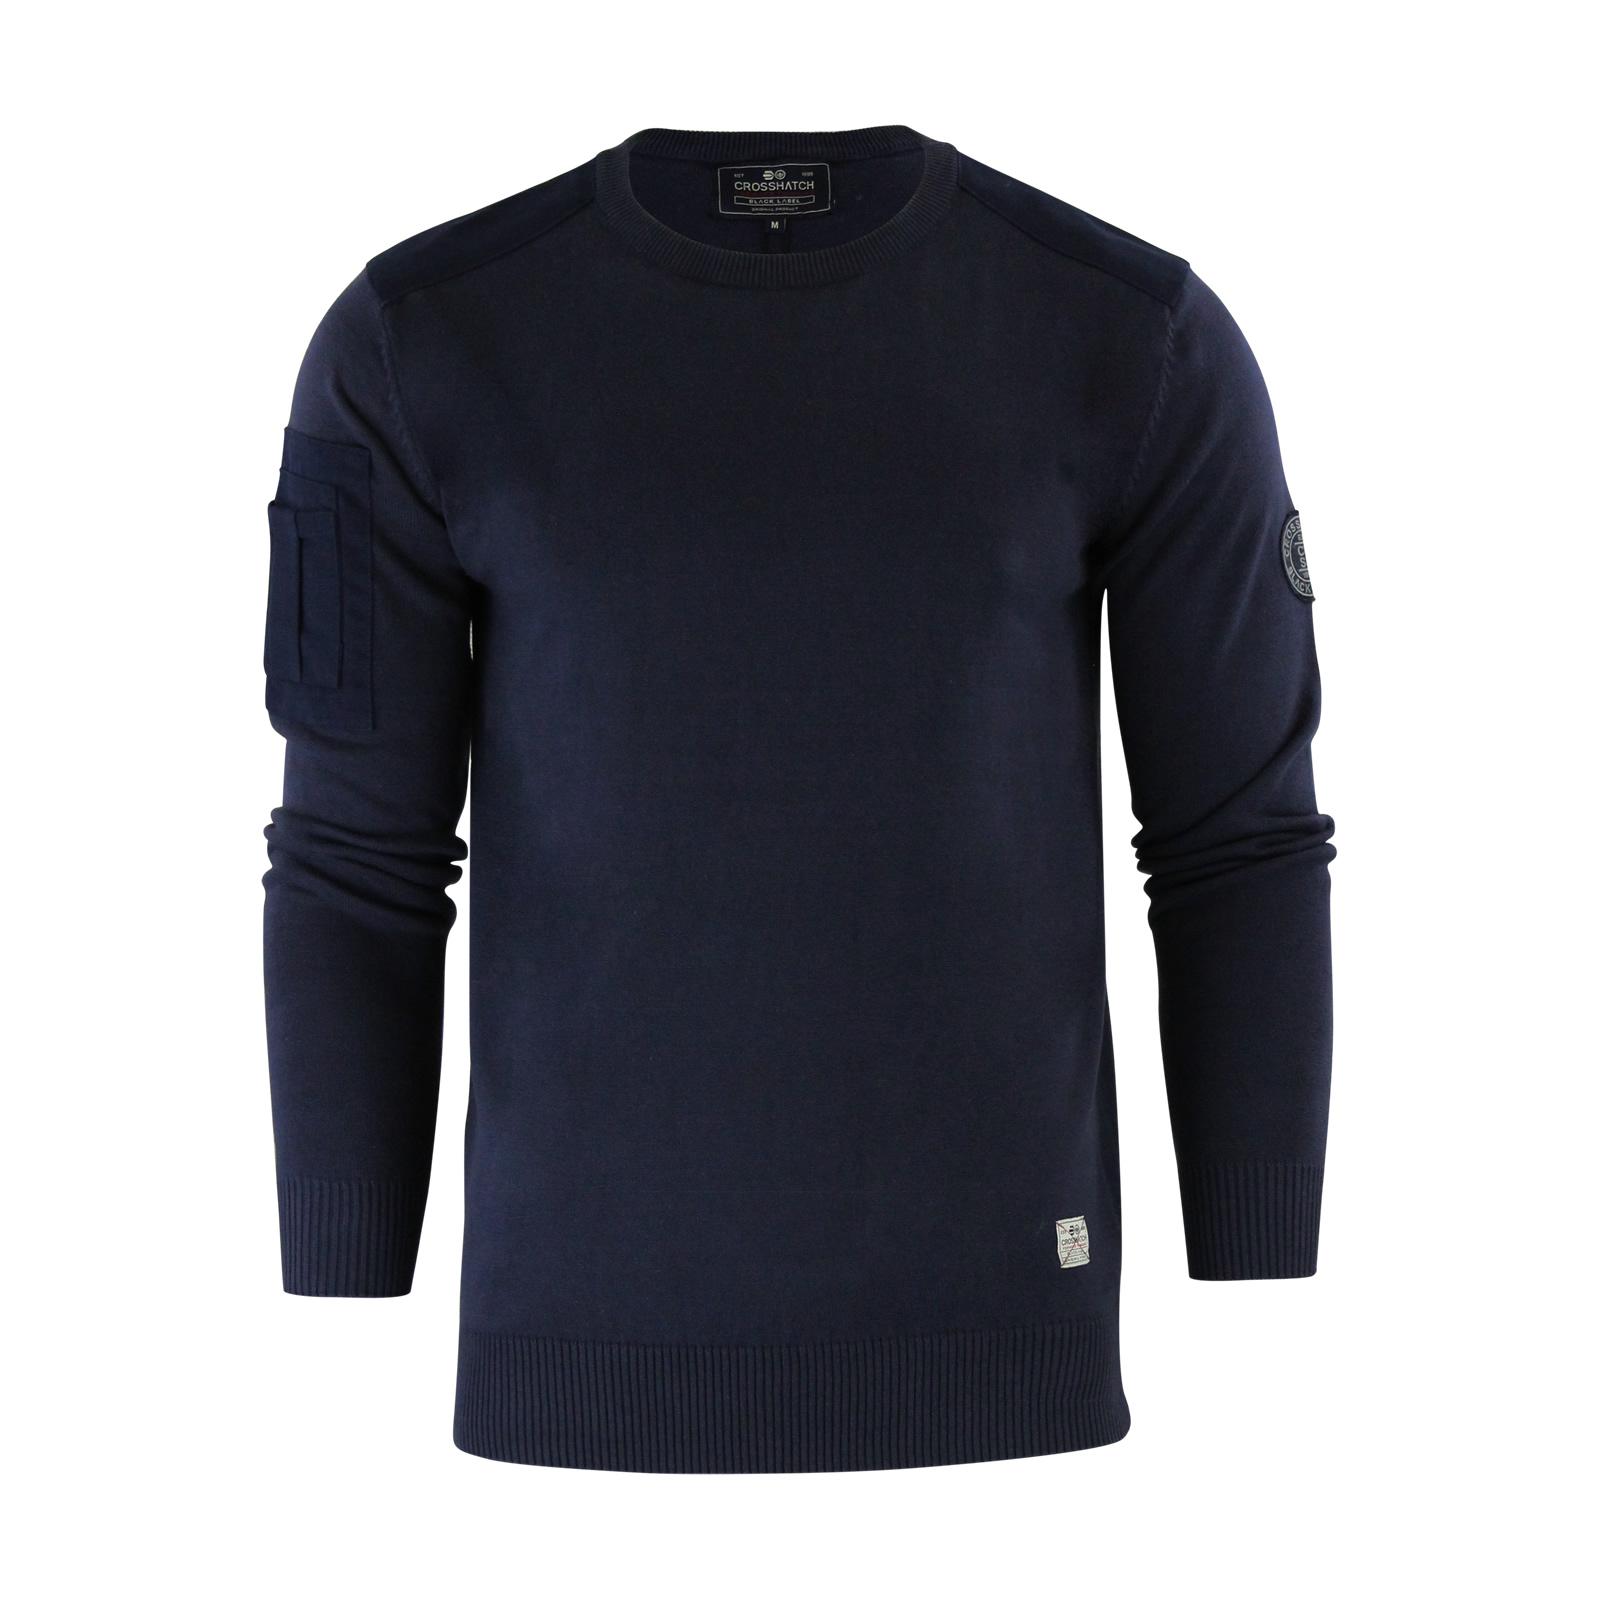 herren-pullover-crosshatch-barrowell-rundhals-strickpullover Indexbild 17